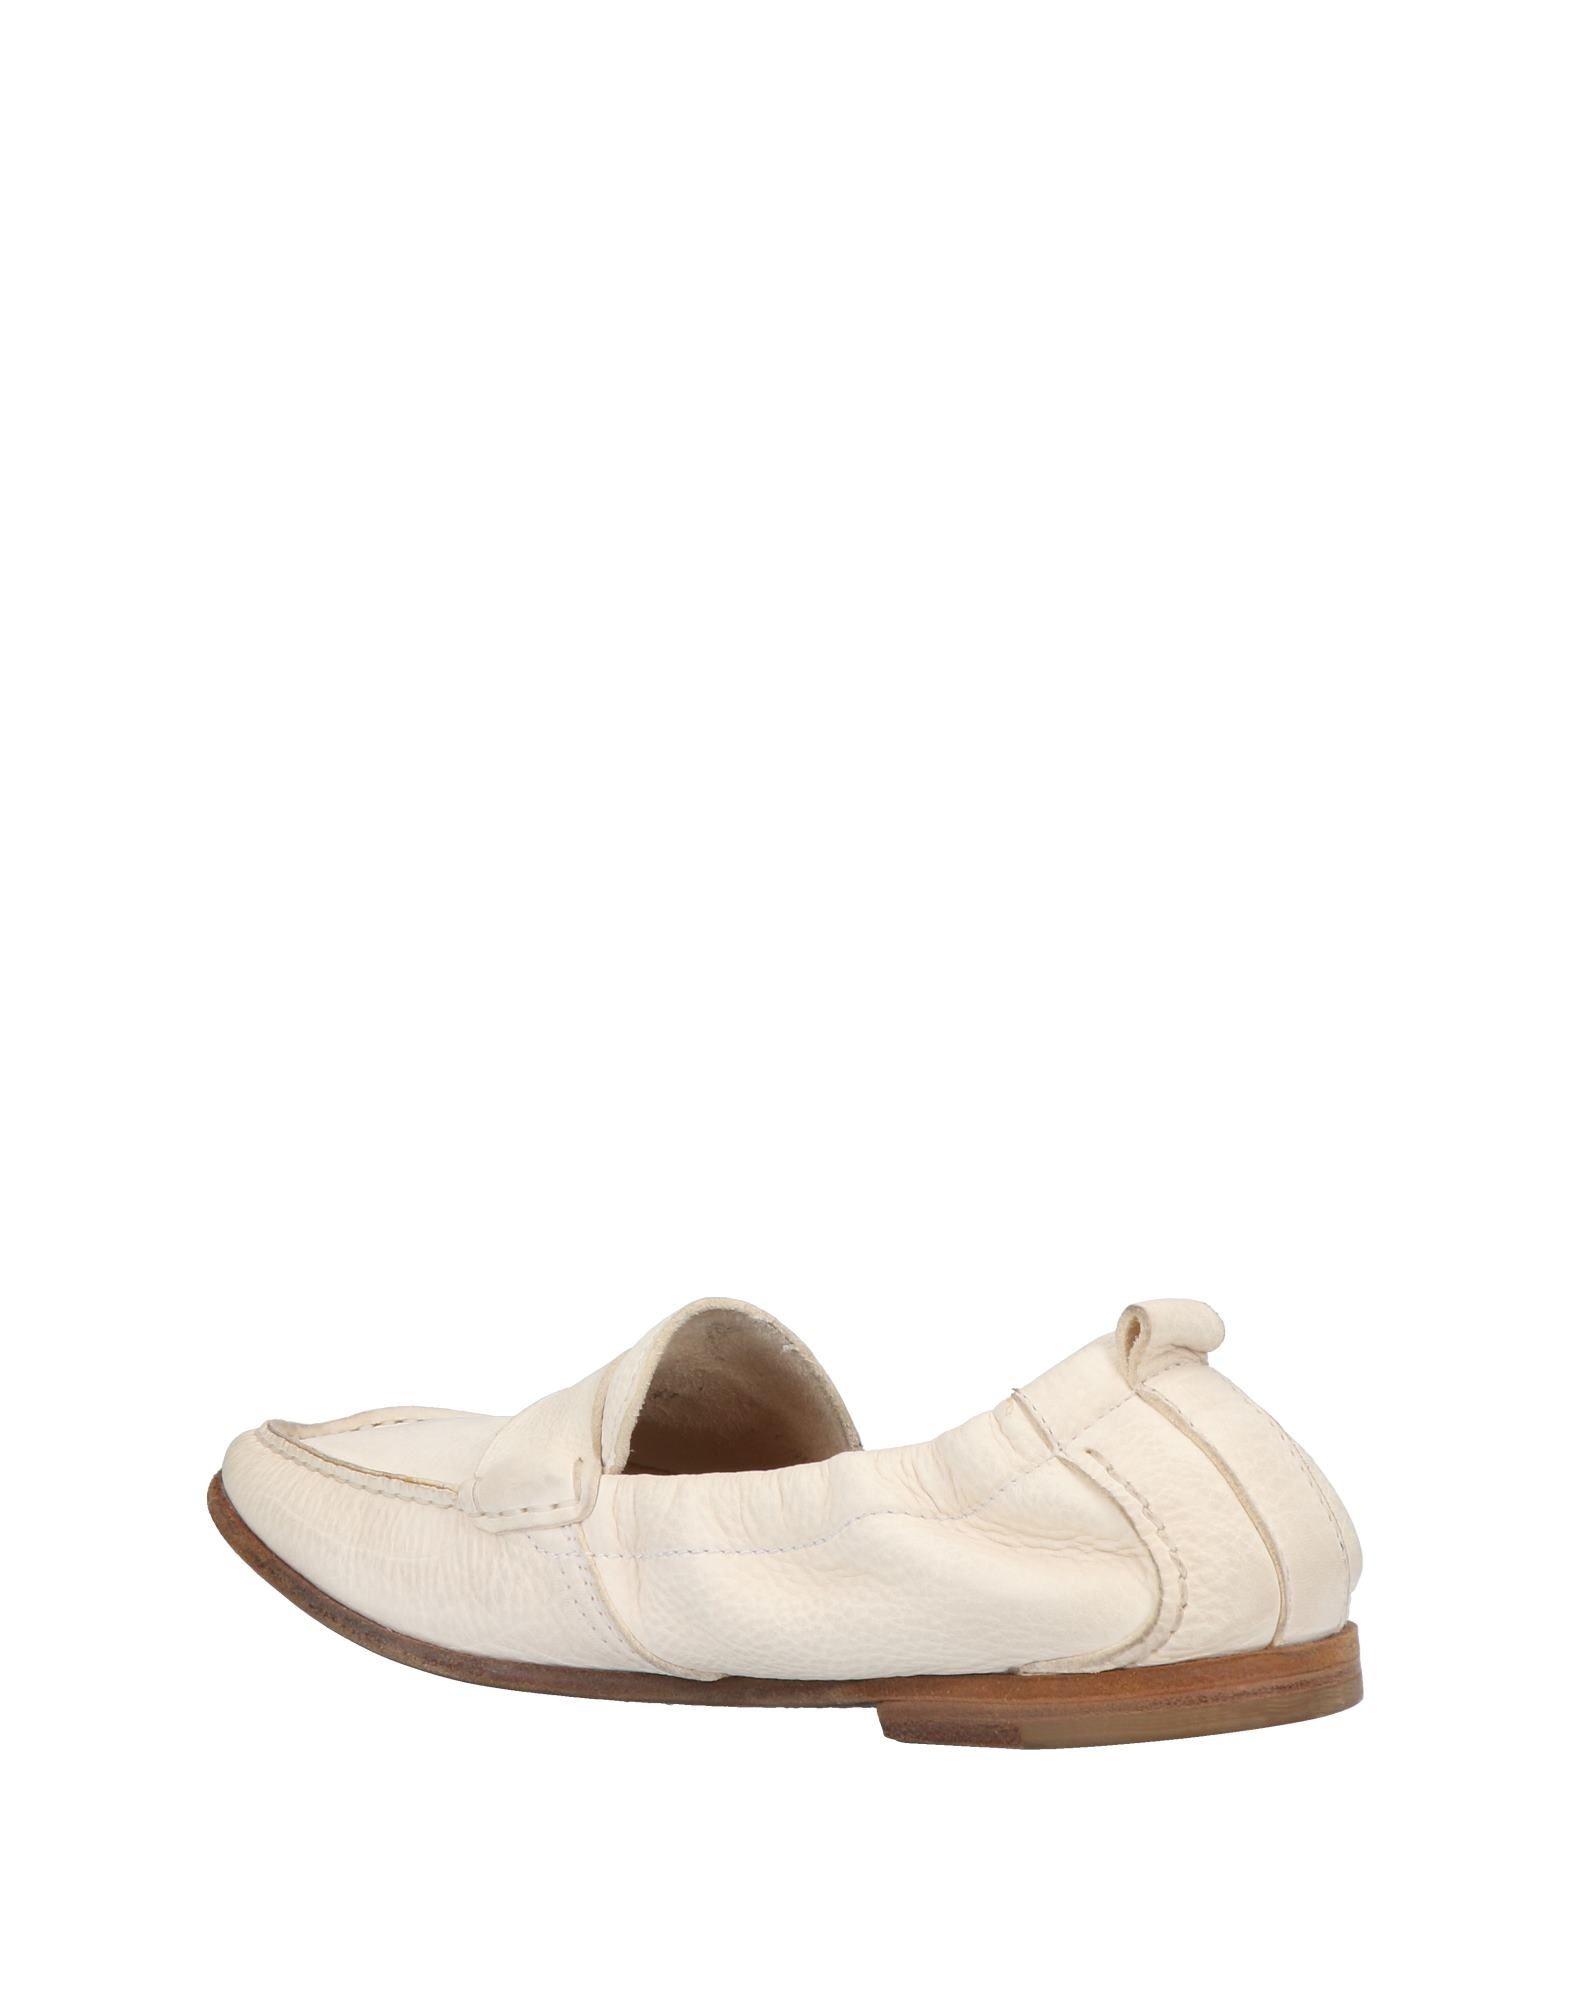 Haltbare Mode billige Henderson Schuhe Henderson billige Mokassins Herren  11452336NO Heiße Schuhe bc0080